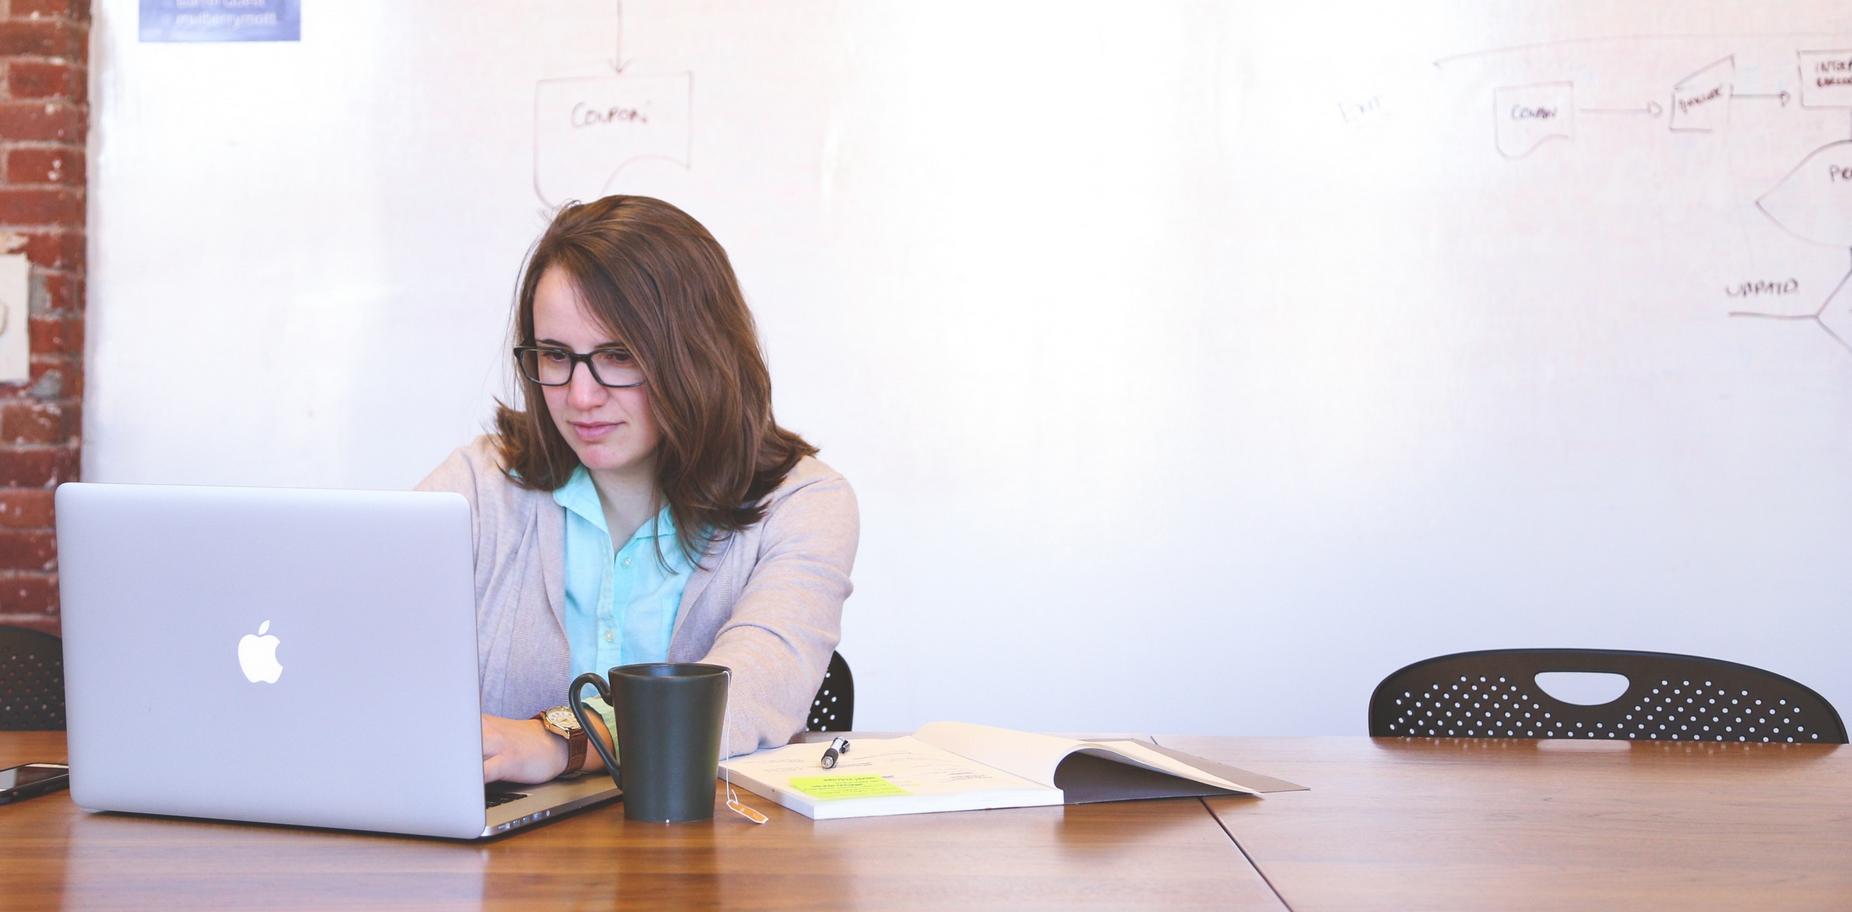 Jak wskazują badania z aplikacji Kiwi Jobs, kwestie finansowe nie są dla kobiet tak kluczowe, jak dla mężczyzn. (fot. pxhere.com/domena publiczna)